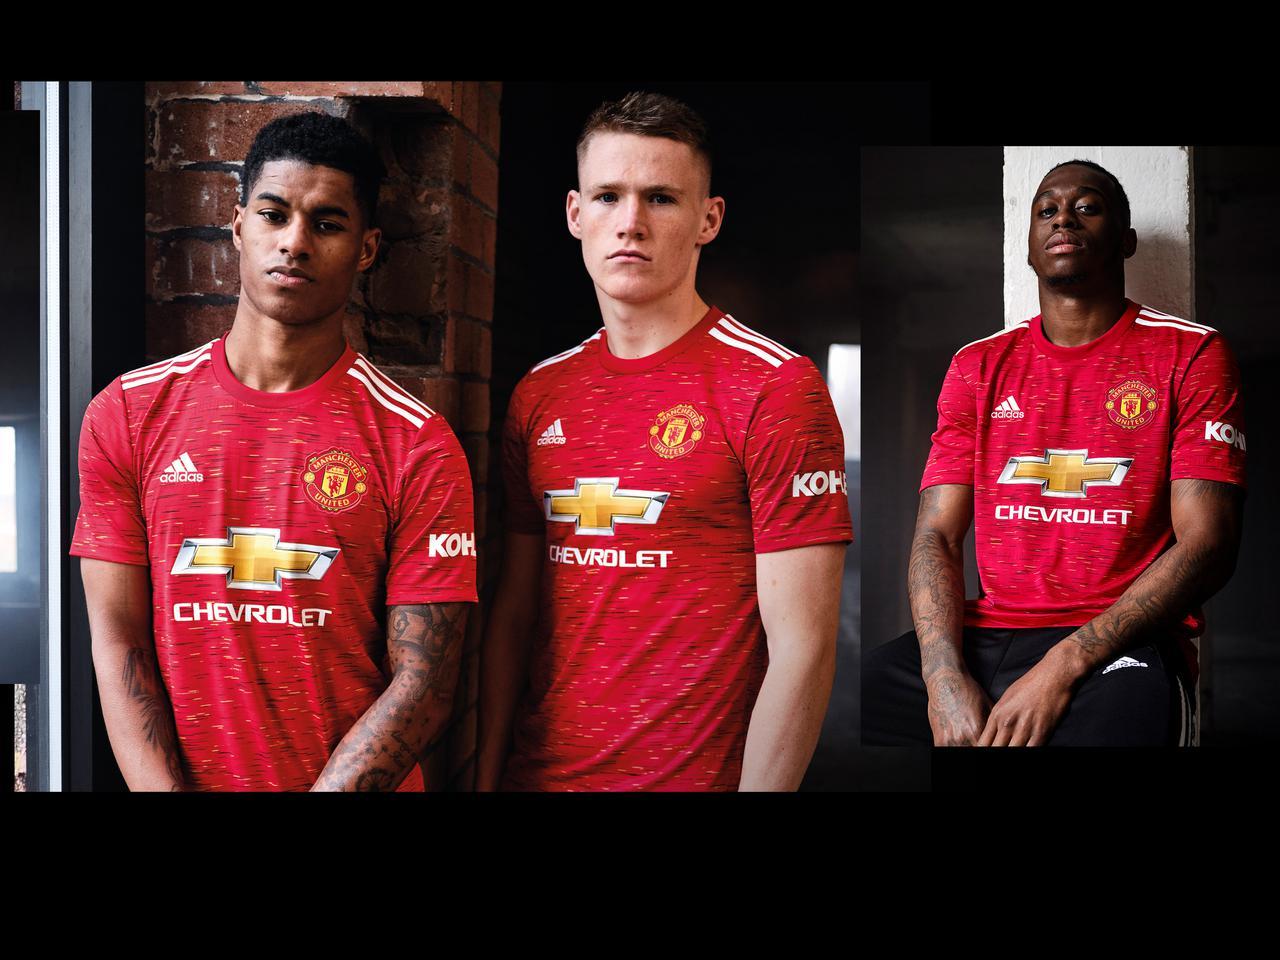 Utd Calendar Fall 2022.Premier League Match Calendar For 2020 21 Confirmed Manchester United